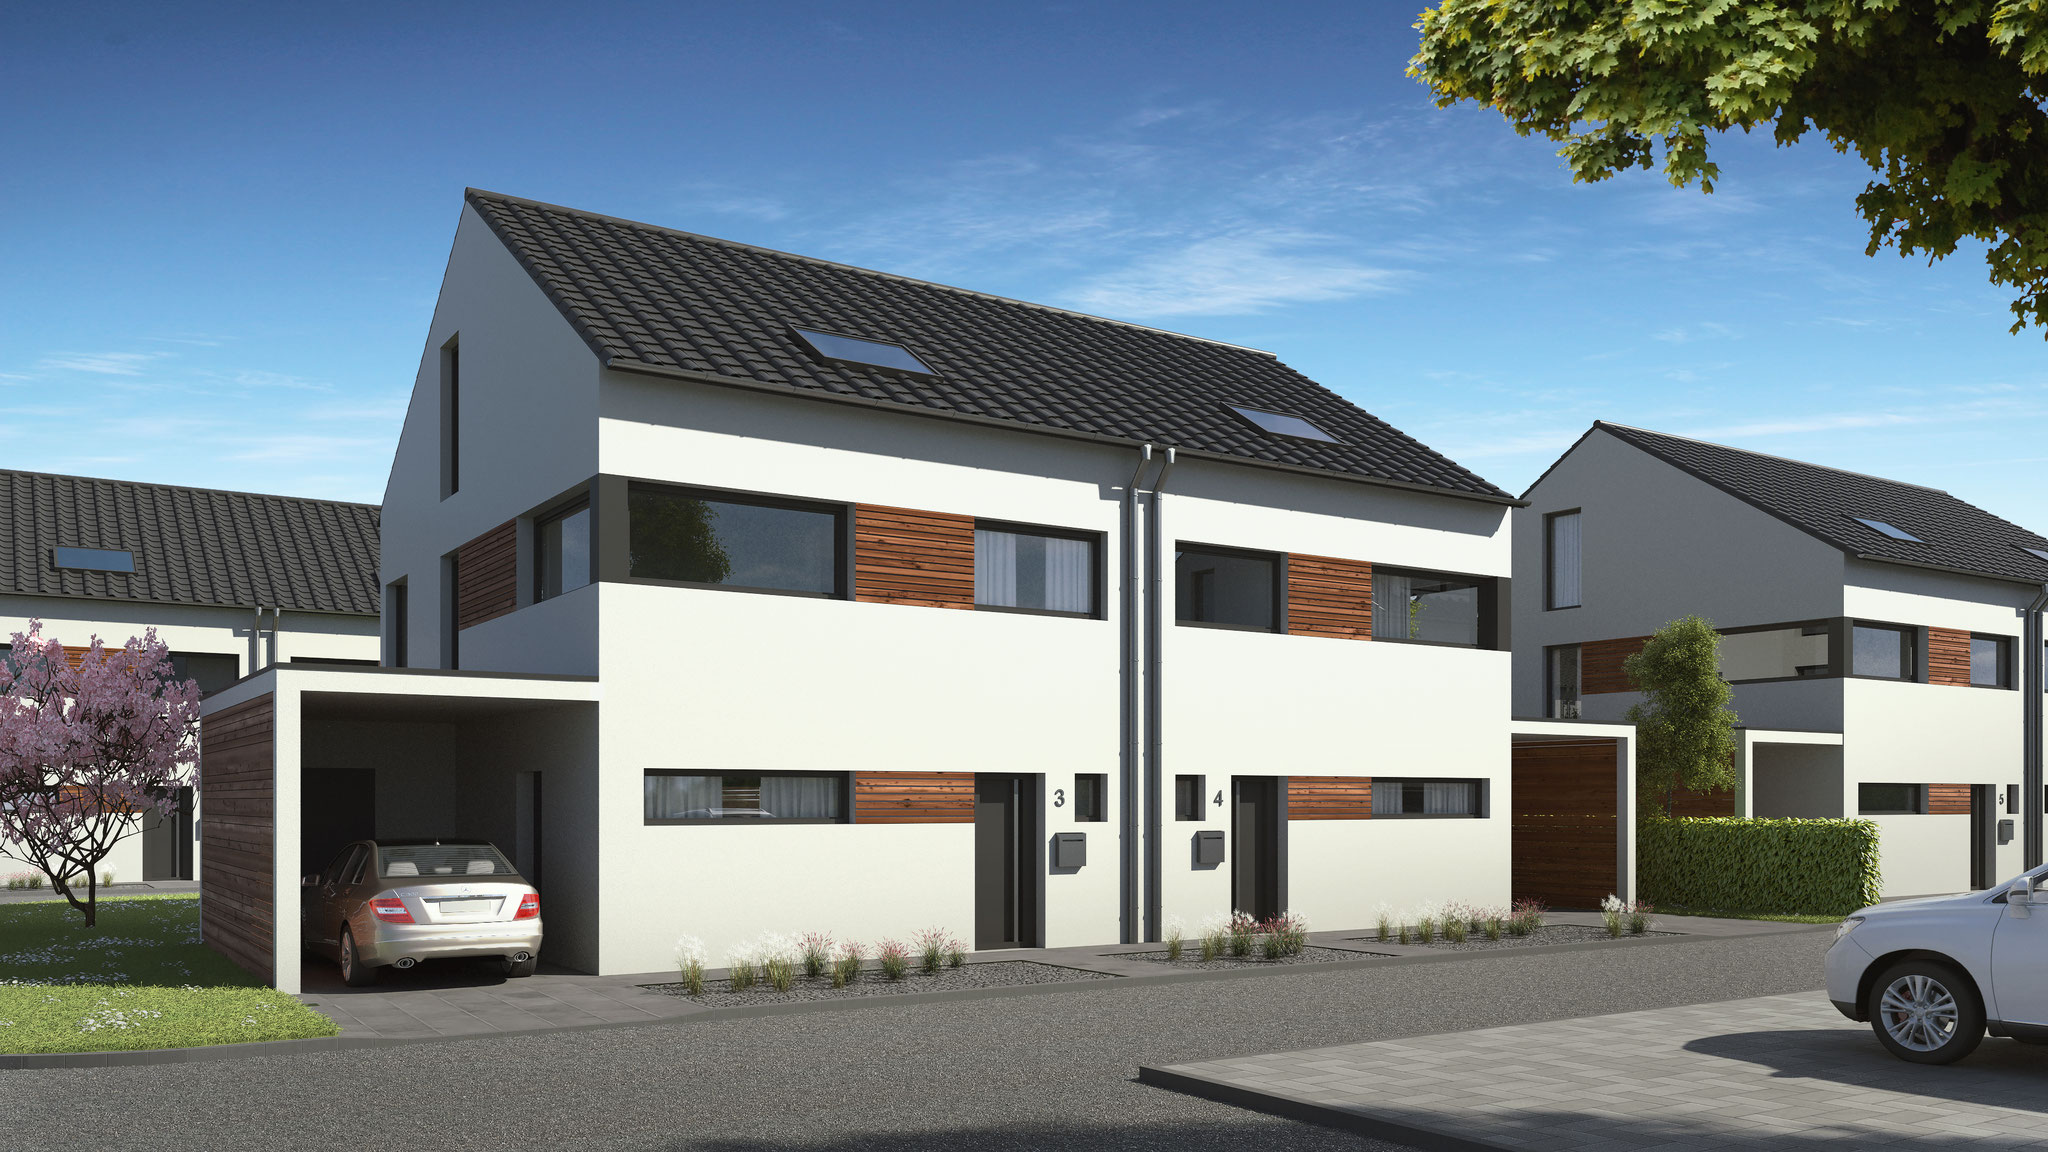 Neubauprojekt in München Allach, Neubau von 10 Einfamilienhäusern